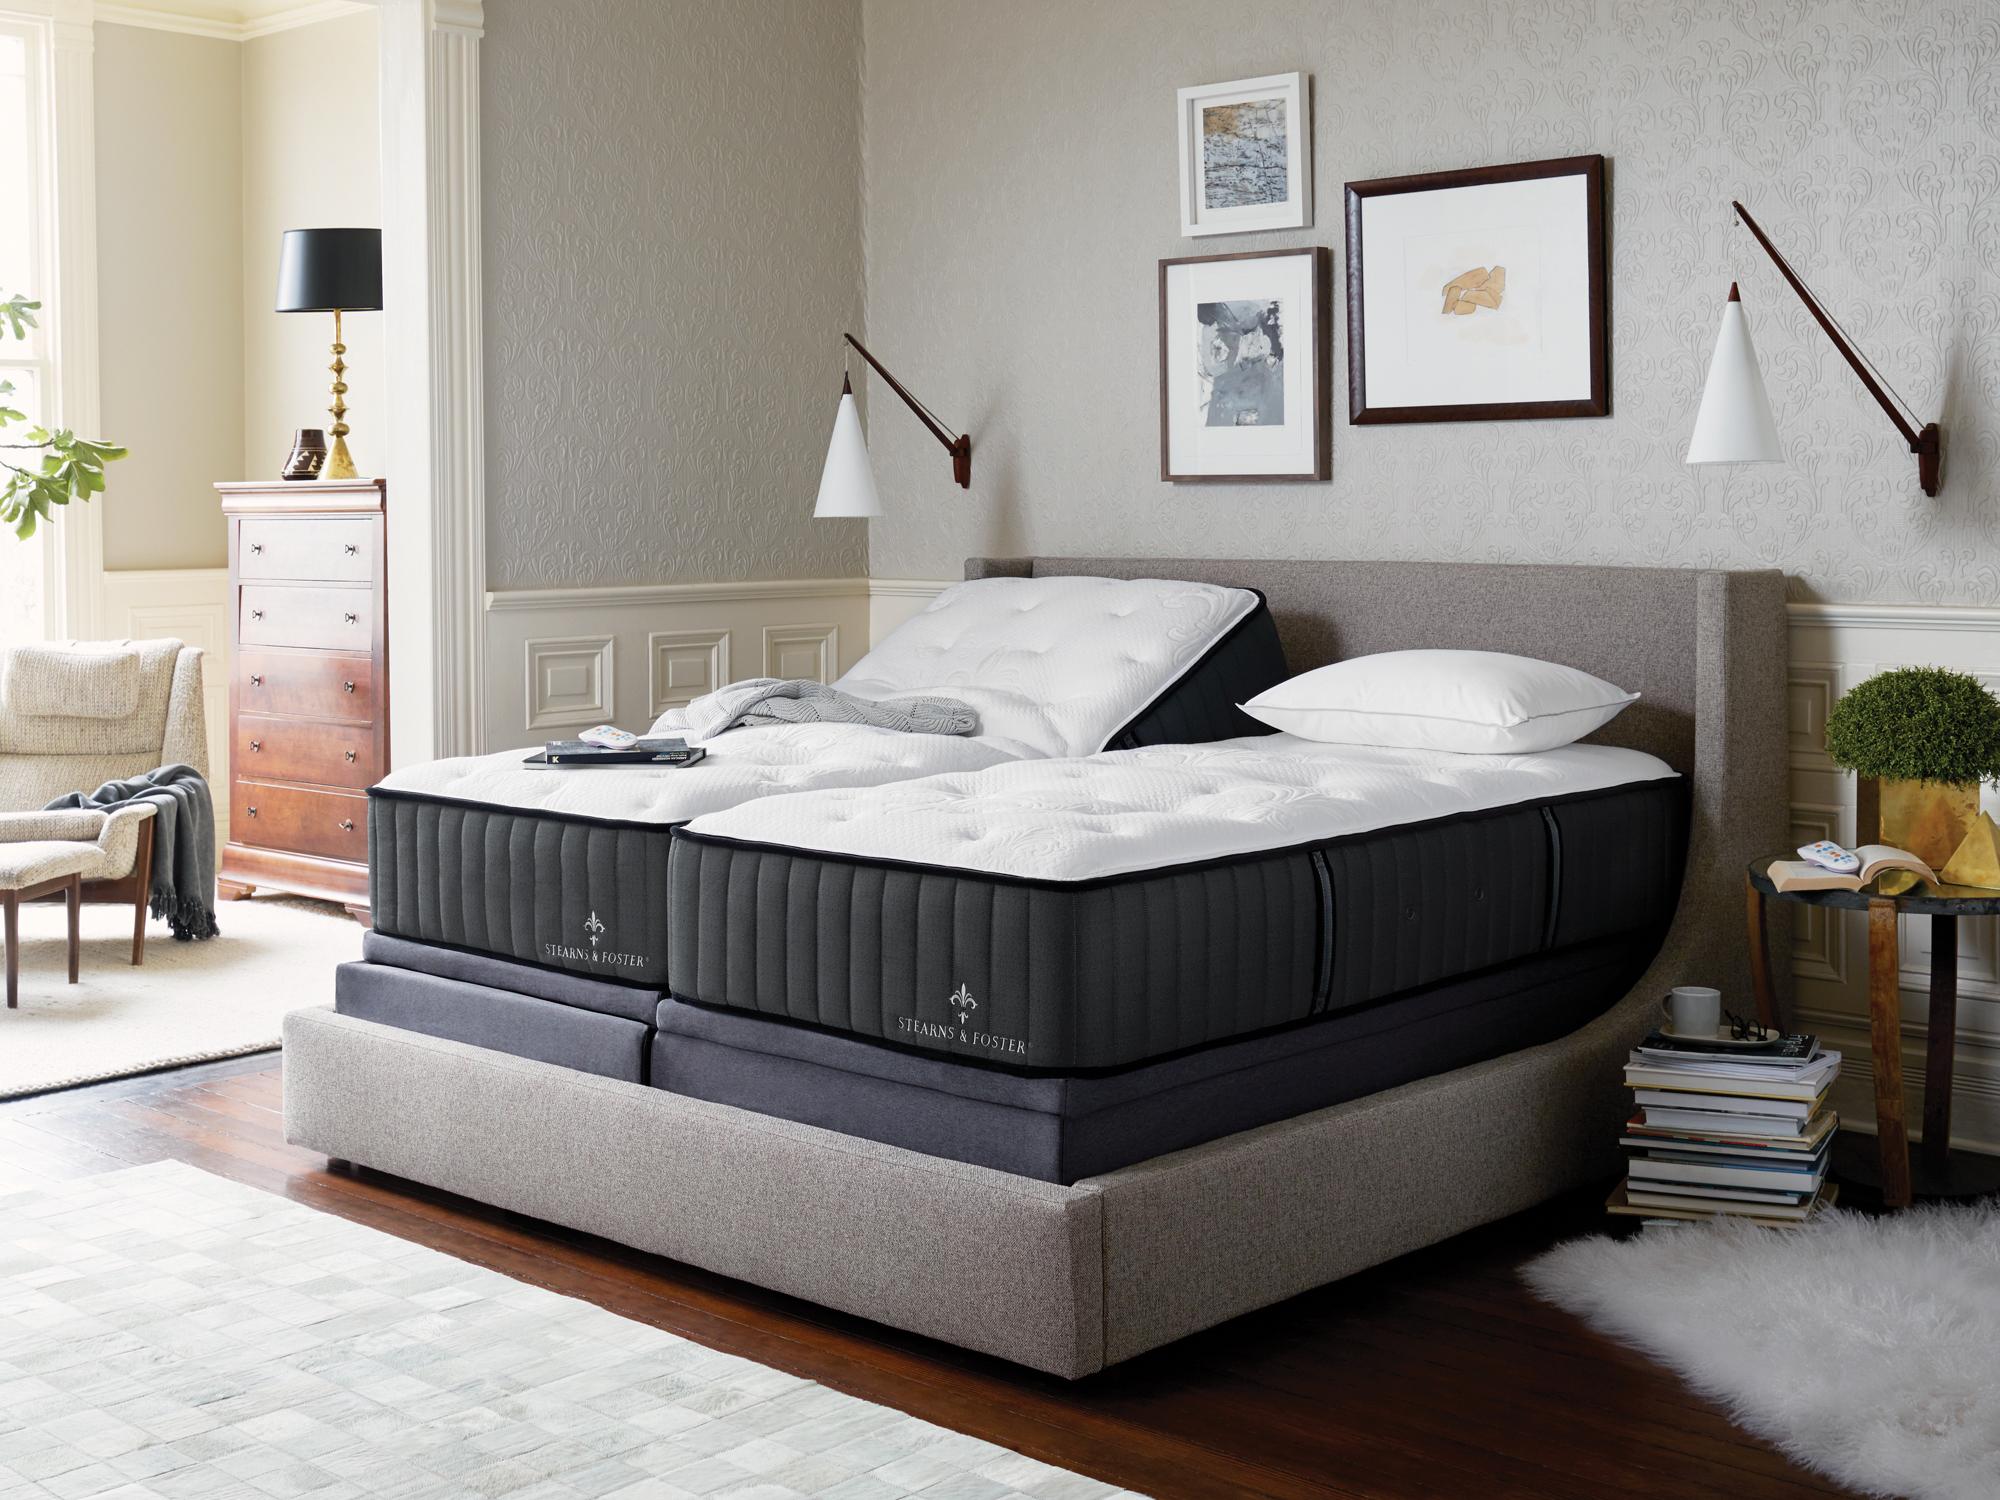 G S Stearns Tinsley Luxury Firm Euro Pillowtop Mattress Best